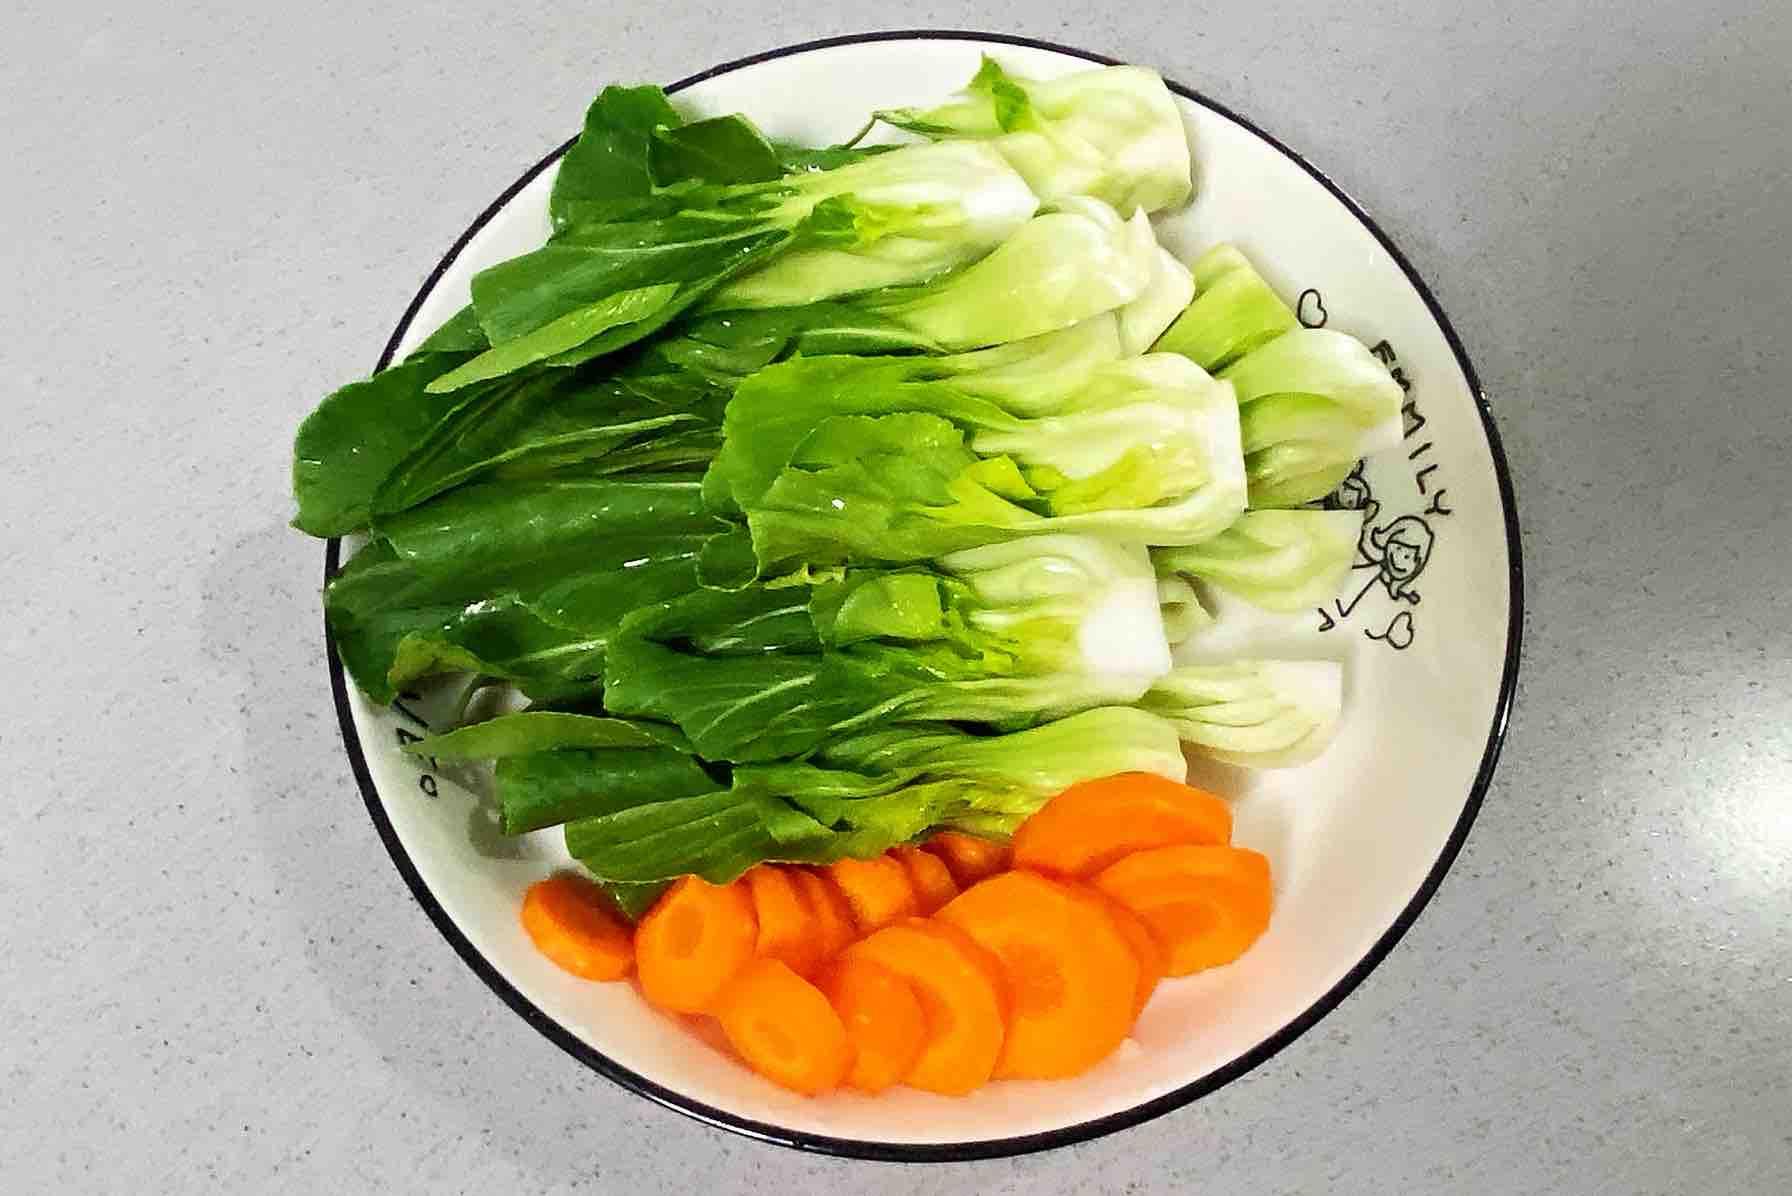 【孕妇食谱】日式蒲烧鳗鱼饭,酱汁浓郁、肉质香嫩,回味无穷~的家常做法